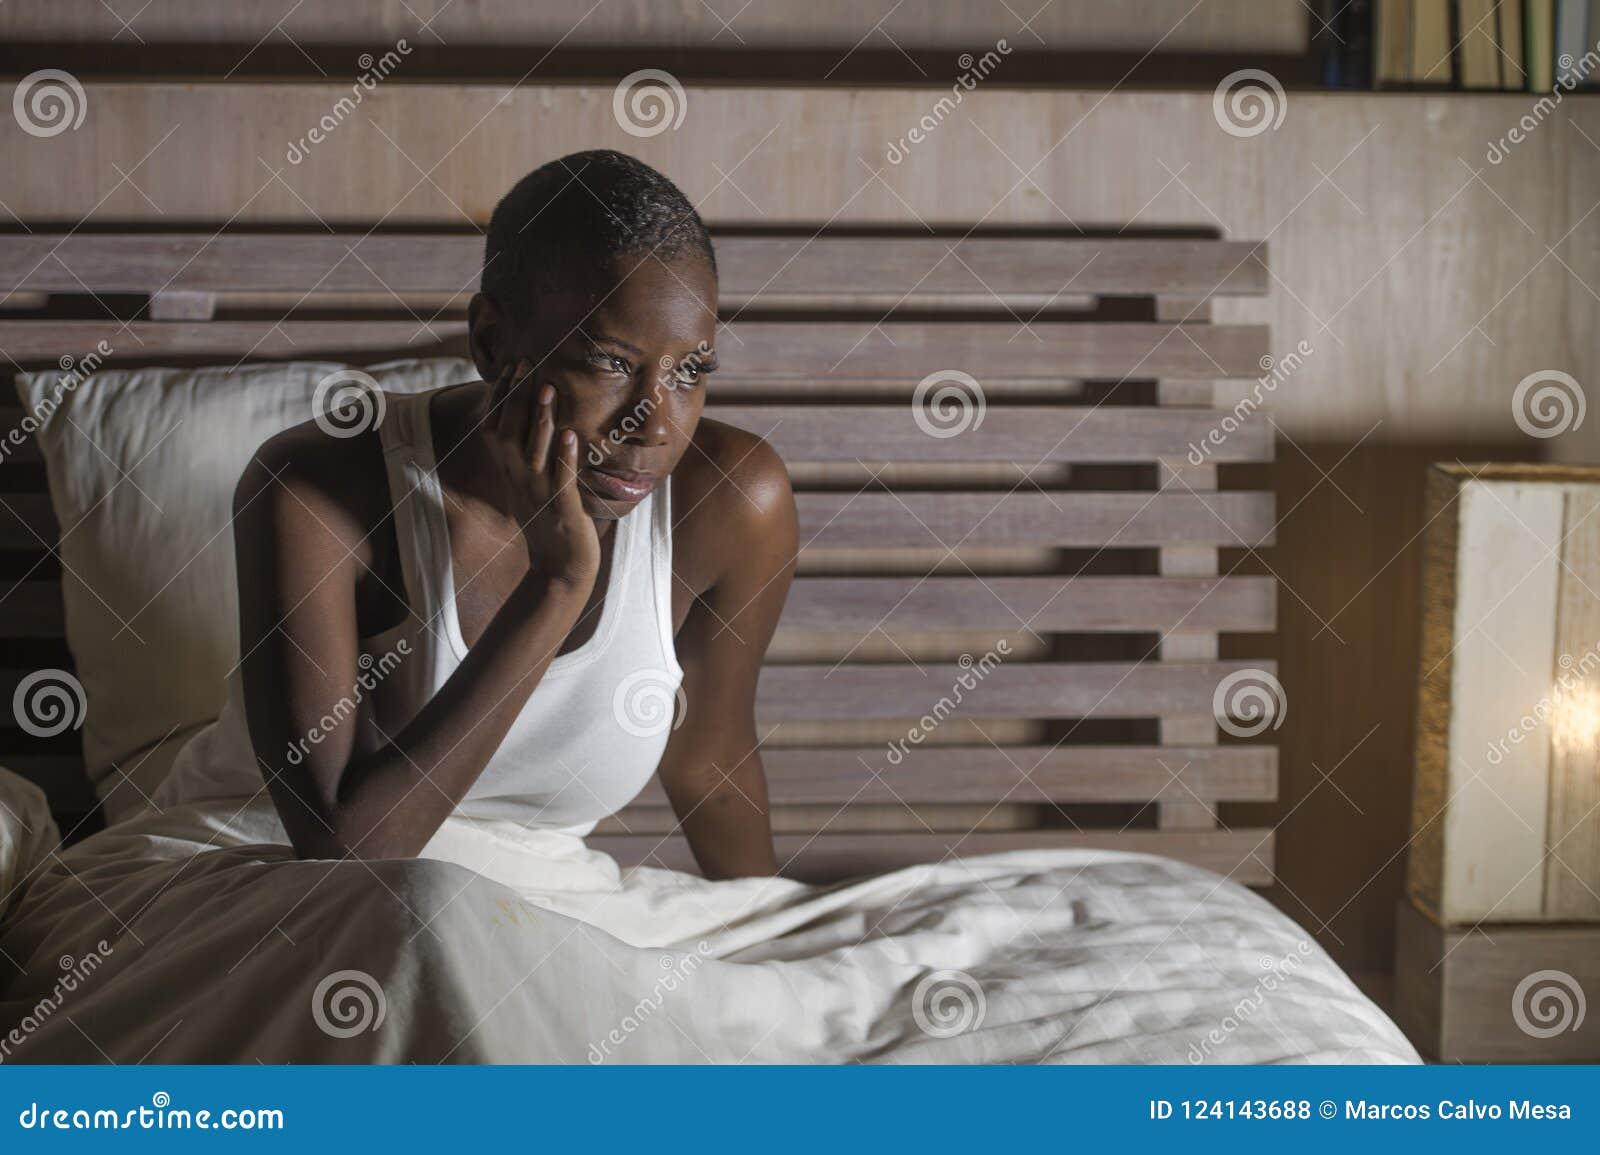 Молодая унылая подавленная черная Афро-американская женщина в инсомнии проблемы депрессии бессонного чувства кровати отчаянной по